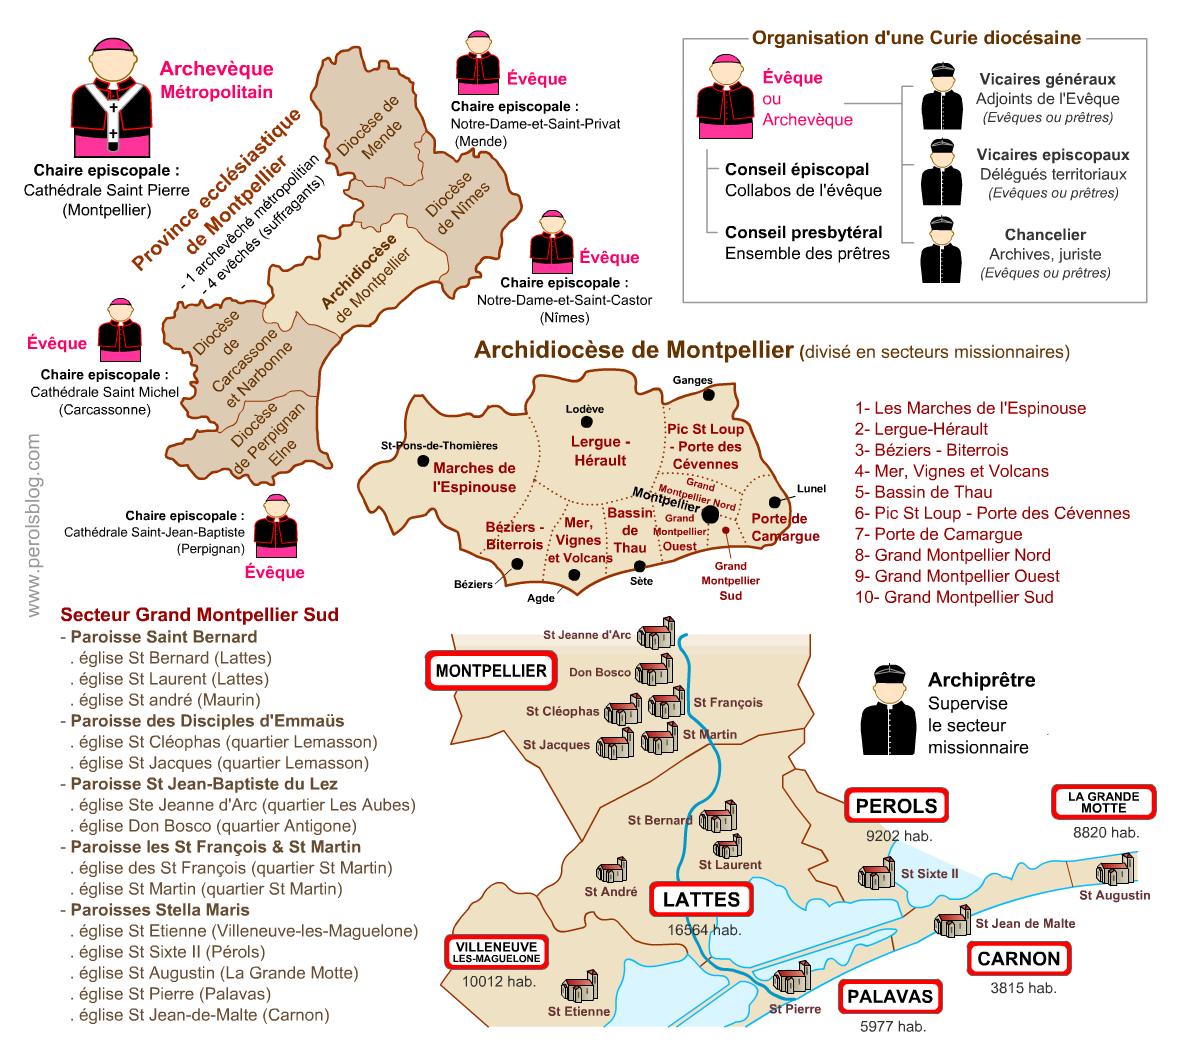 Archidiocèse de Montpellier